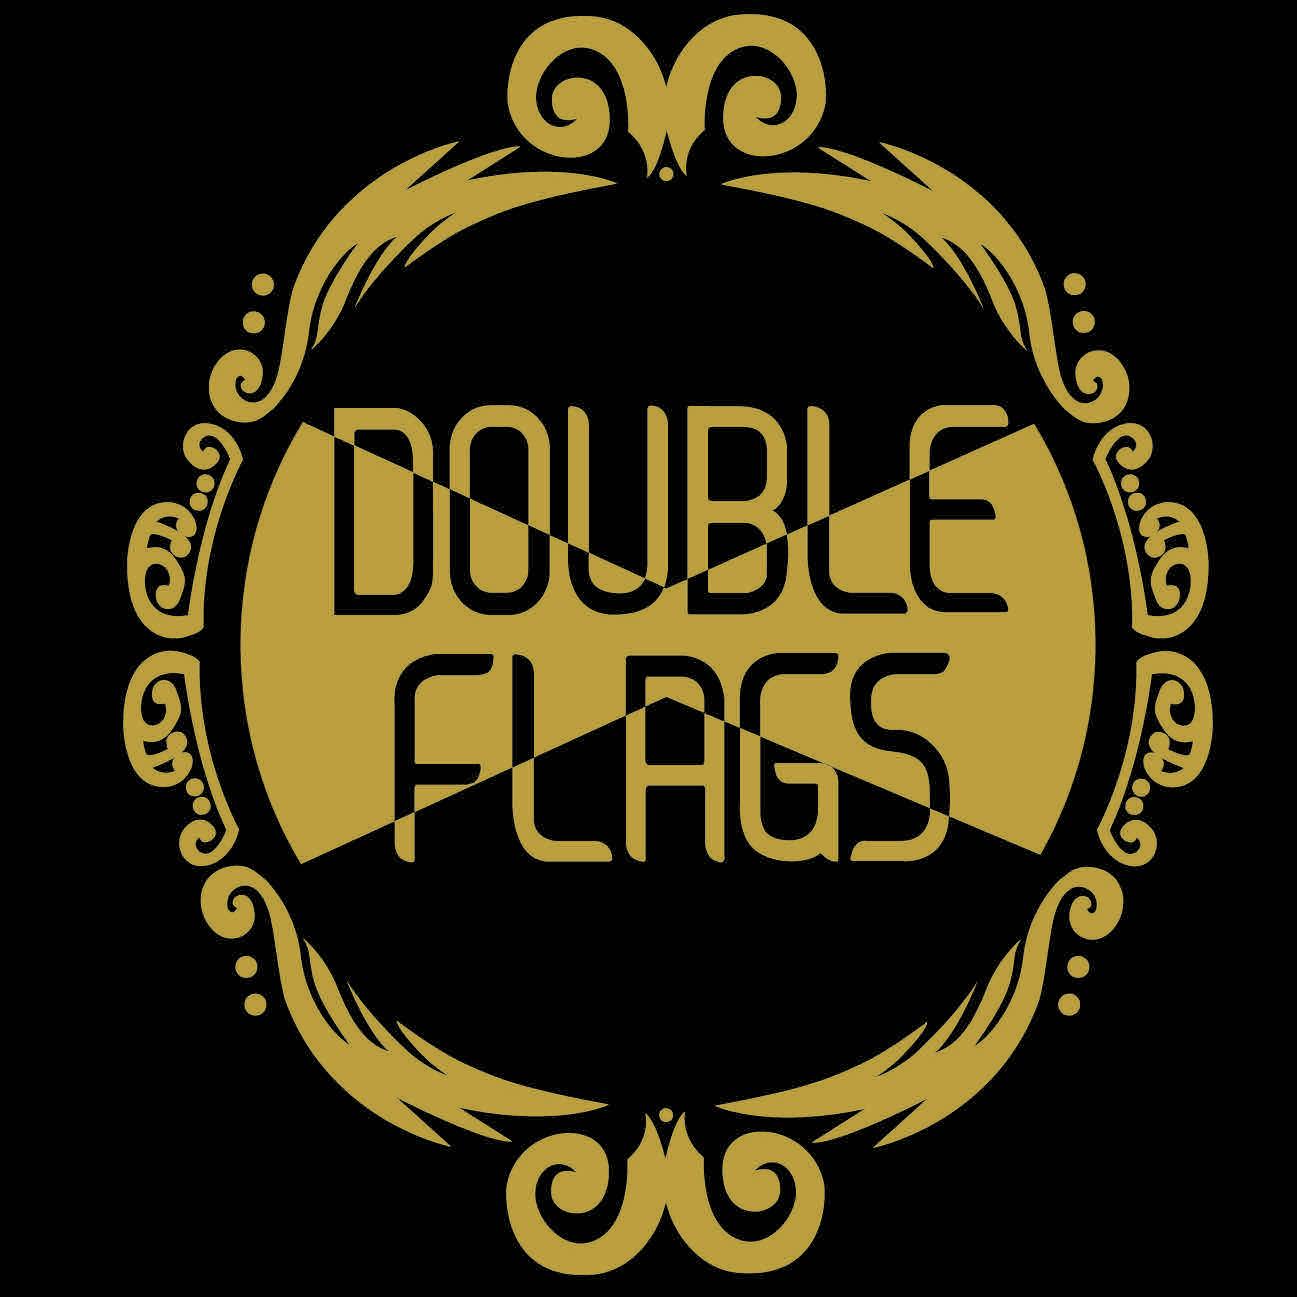 doubleflags